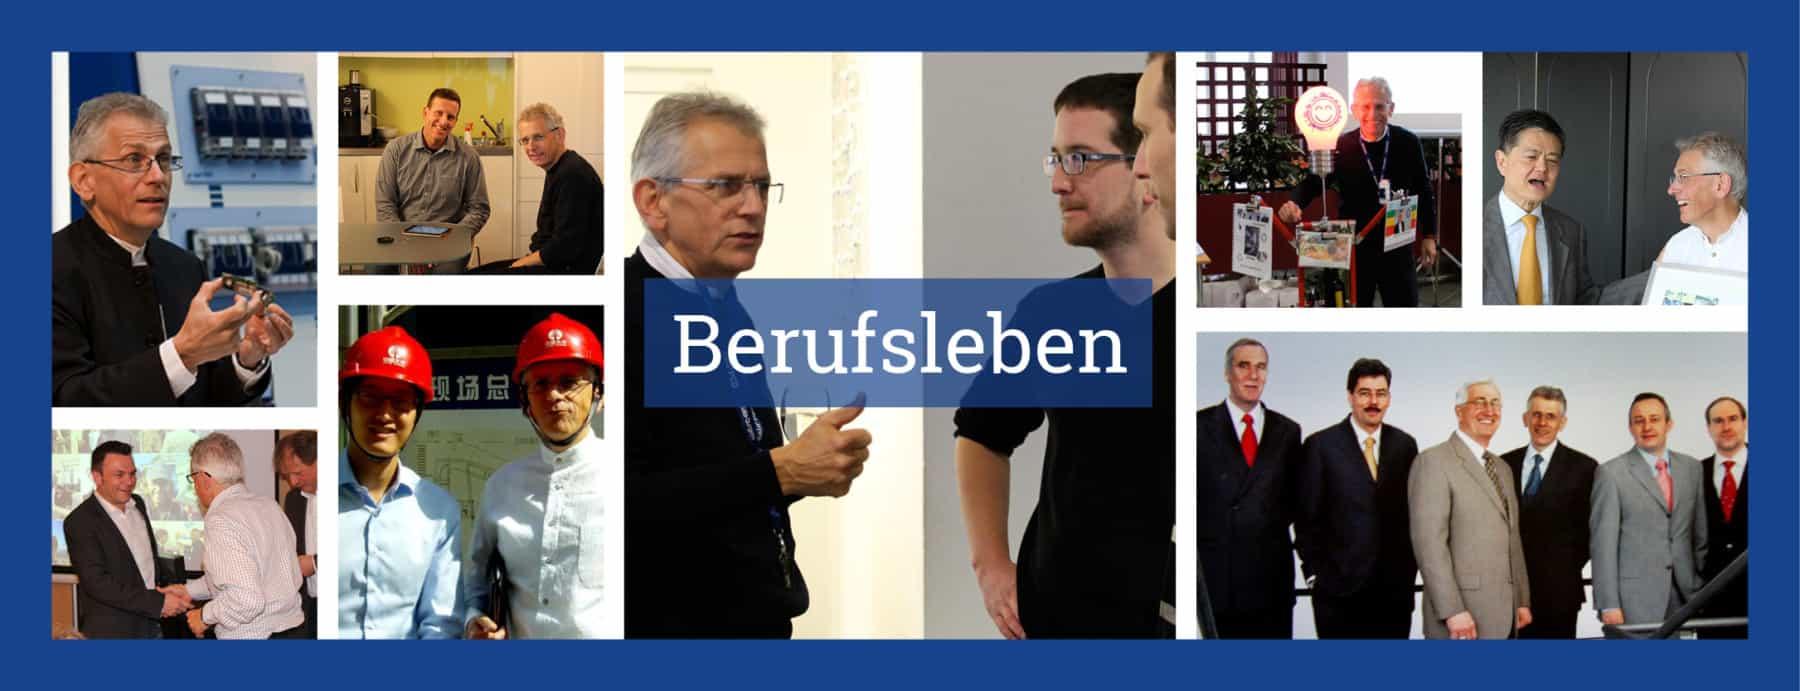 Unternehmensführung Jürgen Lauber